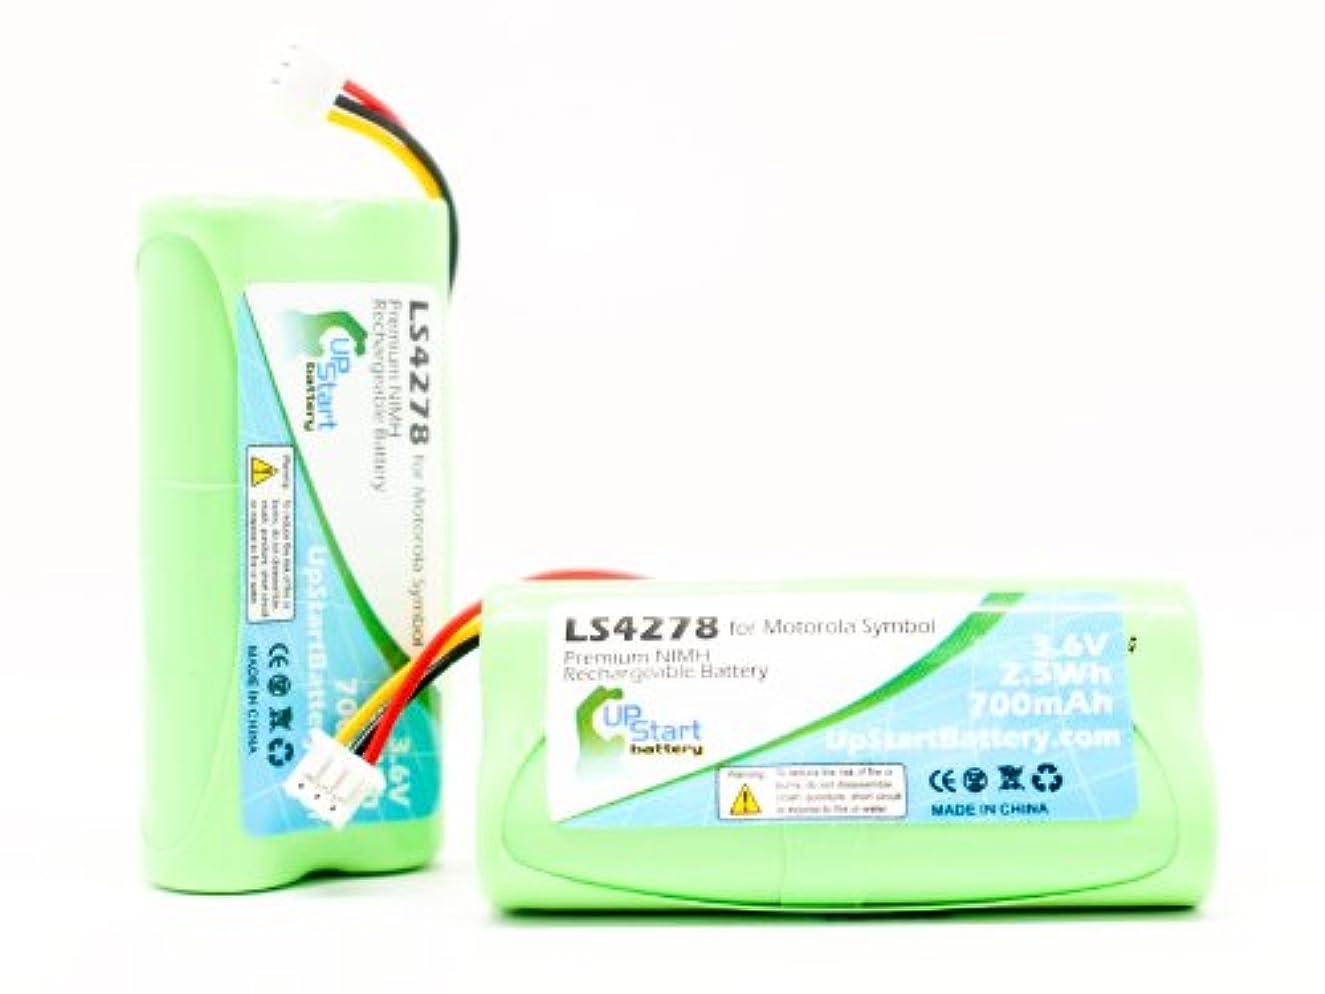 大洪水分割含む2xパック - Motorola Symbol LS4278 互換バッテリー : Motorola SY-LS4278 バーコードスキャナー バッテリー対応 (700mAh, 3.6V, ニッケル水素)